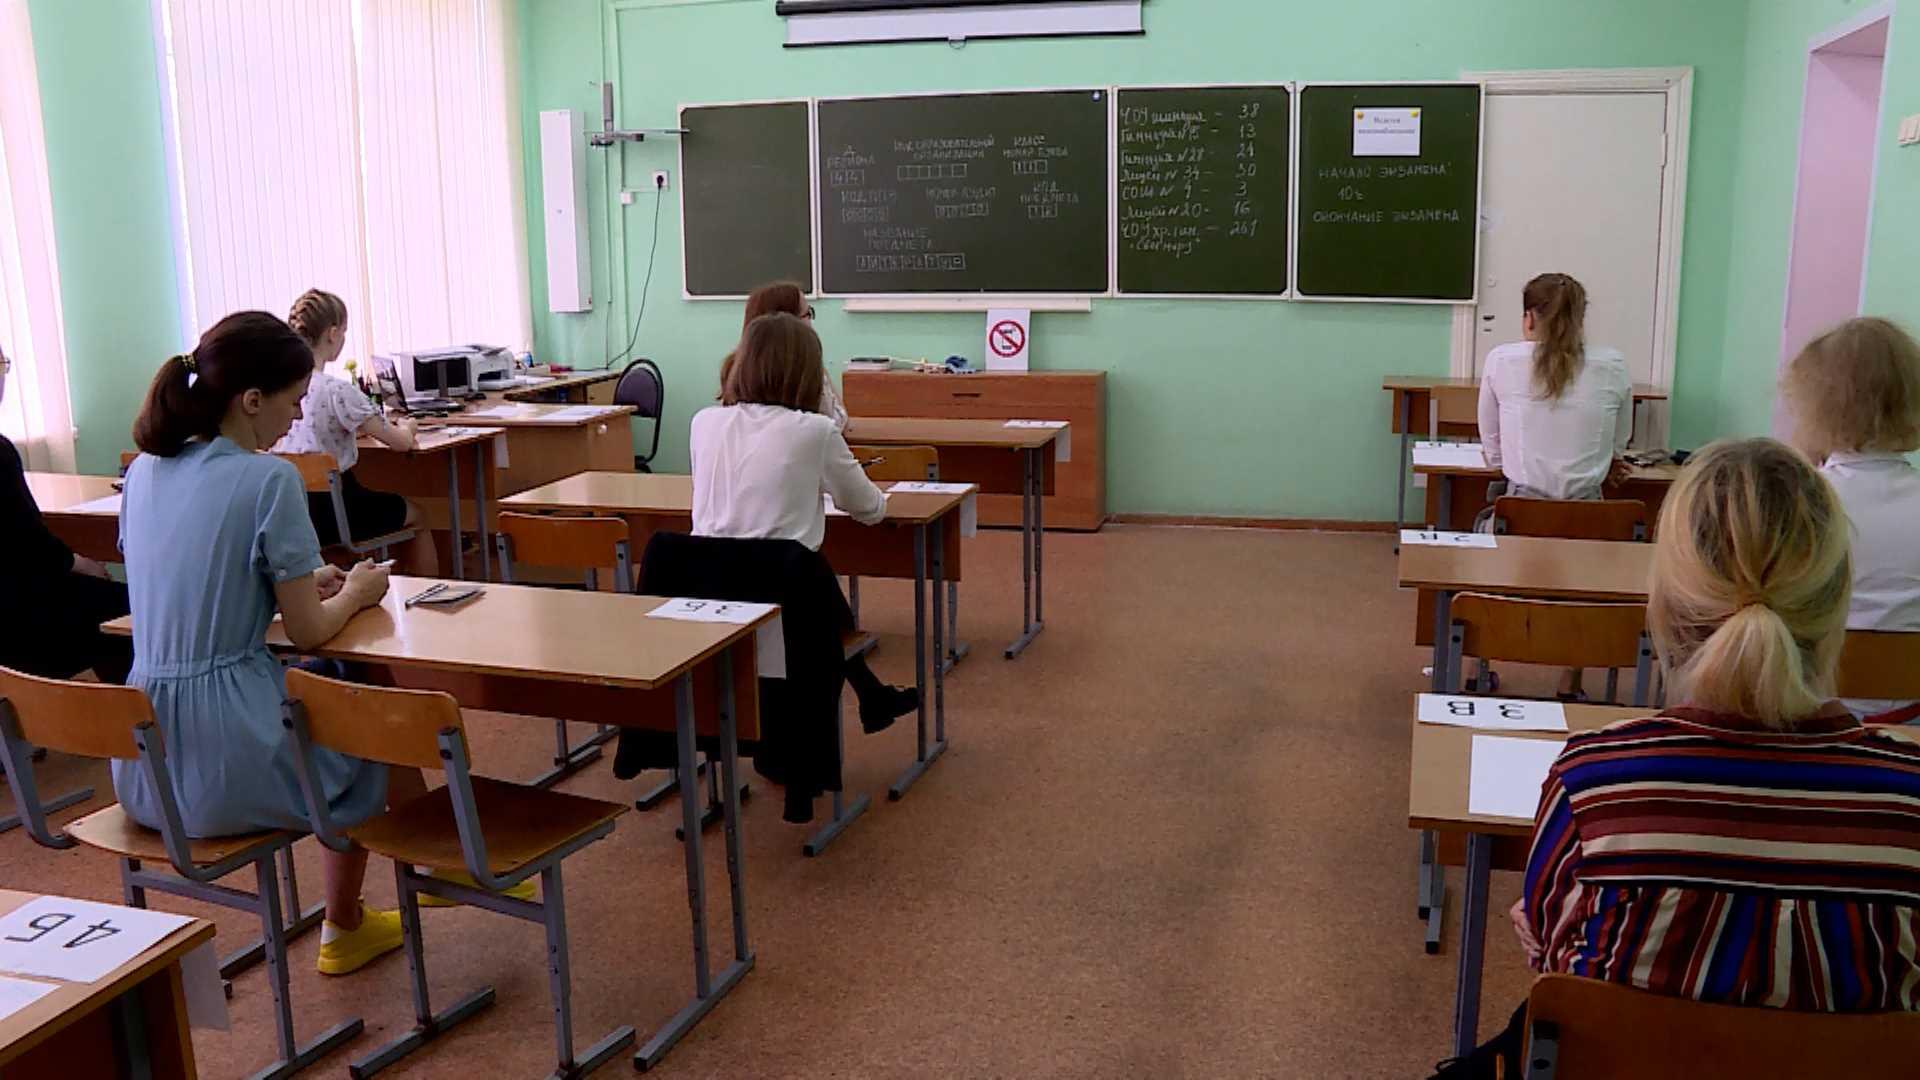 Костромским девятиклассникам рассказали об обязательном испытании